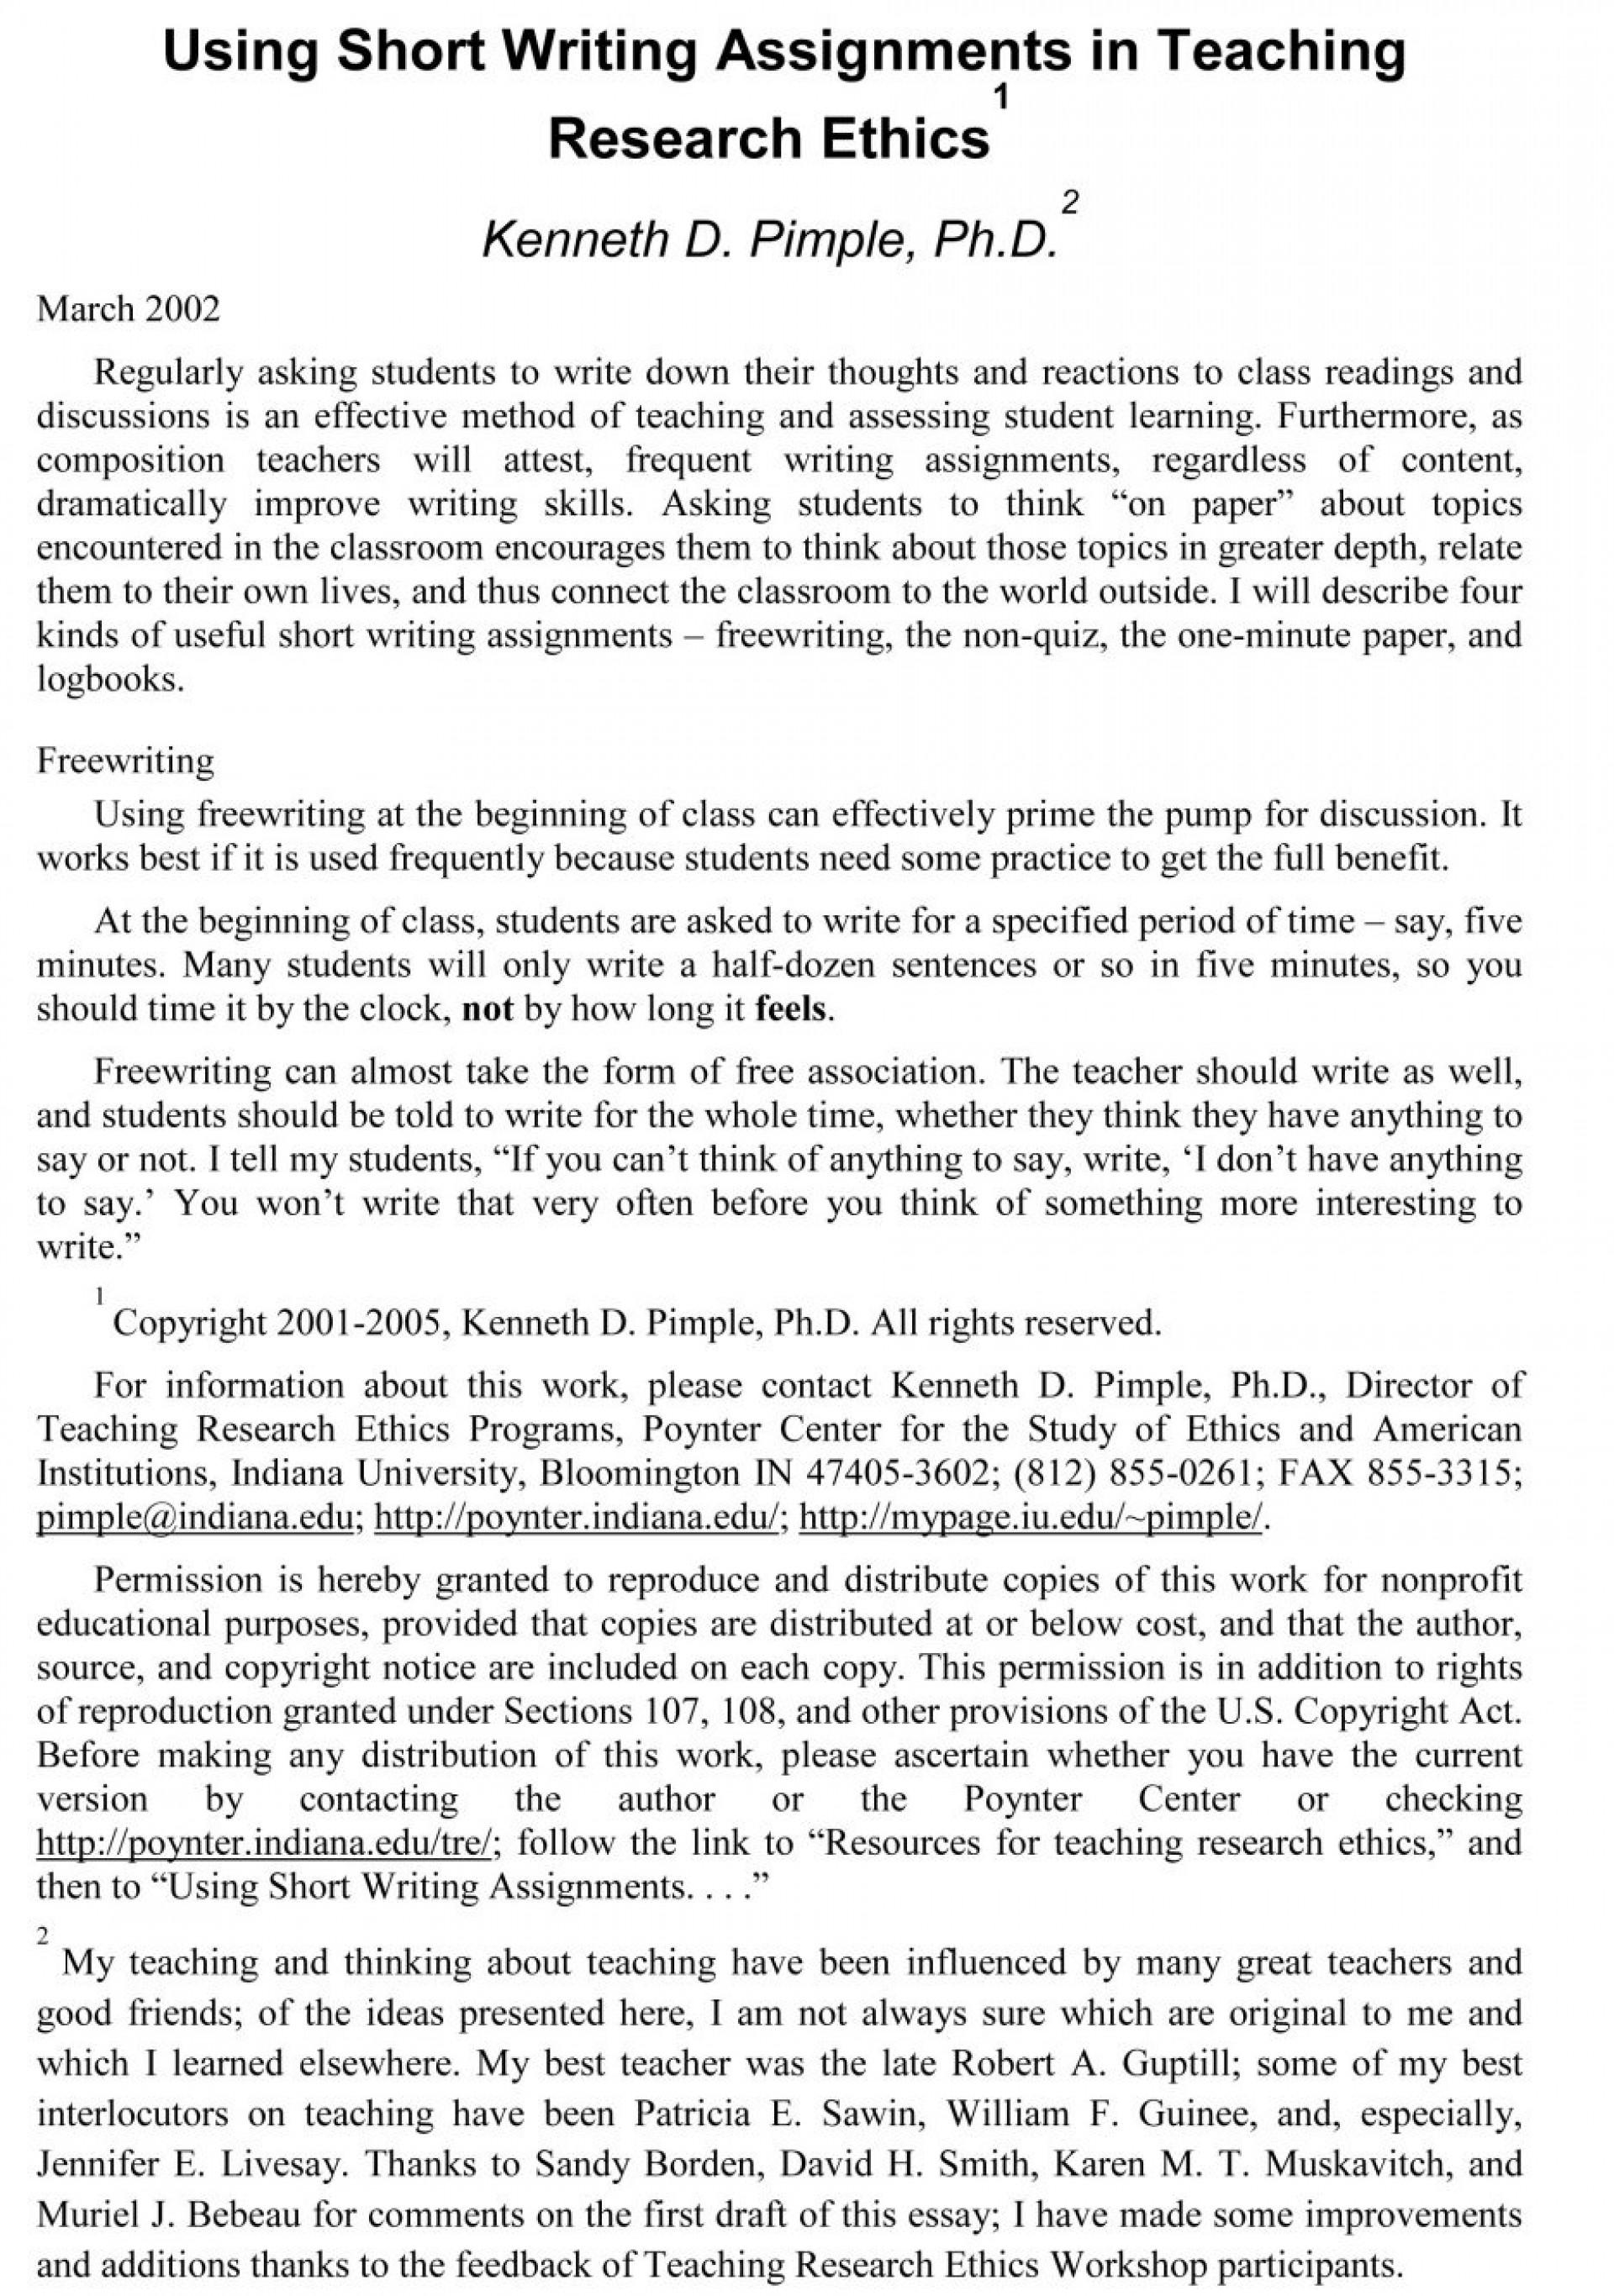 Exemple dissertation philosophie politique